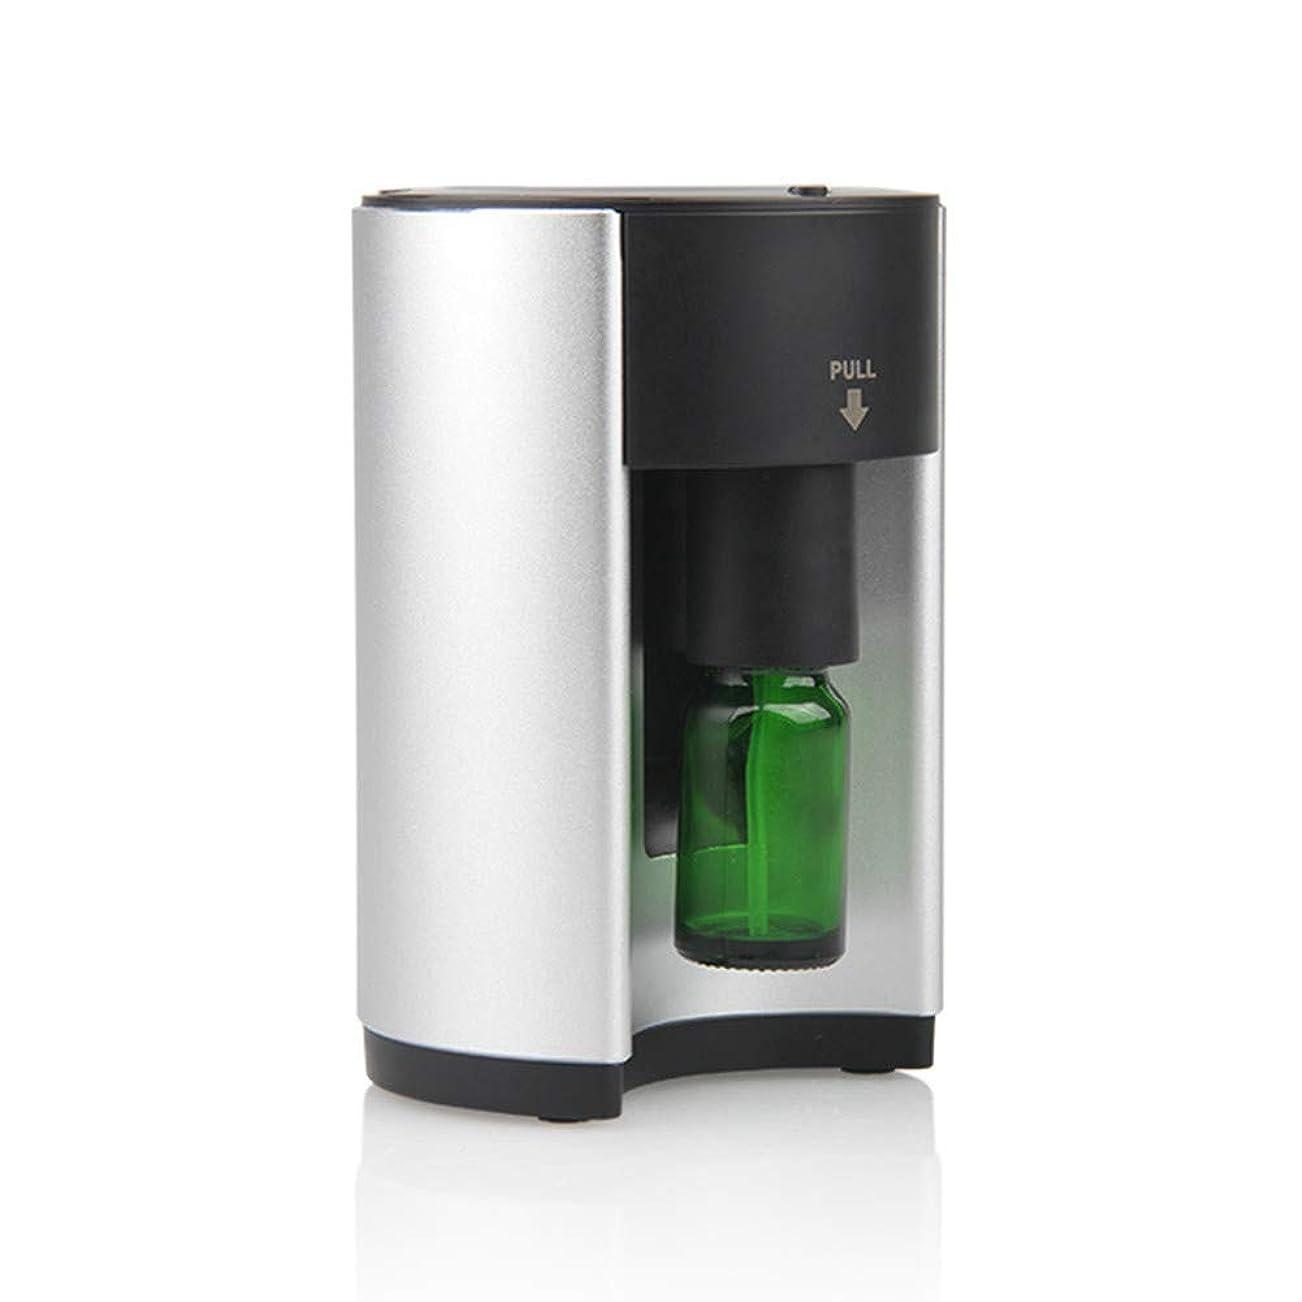 施設習熟度大学ネブライザー式アロマディフューザー 3個専用精油瓶付き ネブライザー式 アロマ芳香器 タイマー機能付き ヨガ室 ホテル 店舗 人気 タイマー機能 (シルバー)